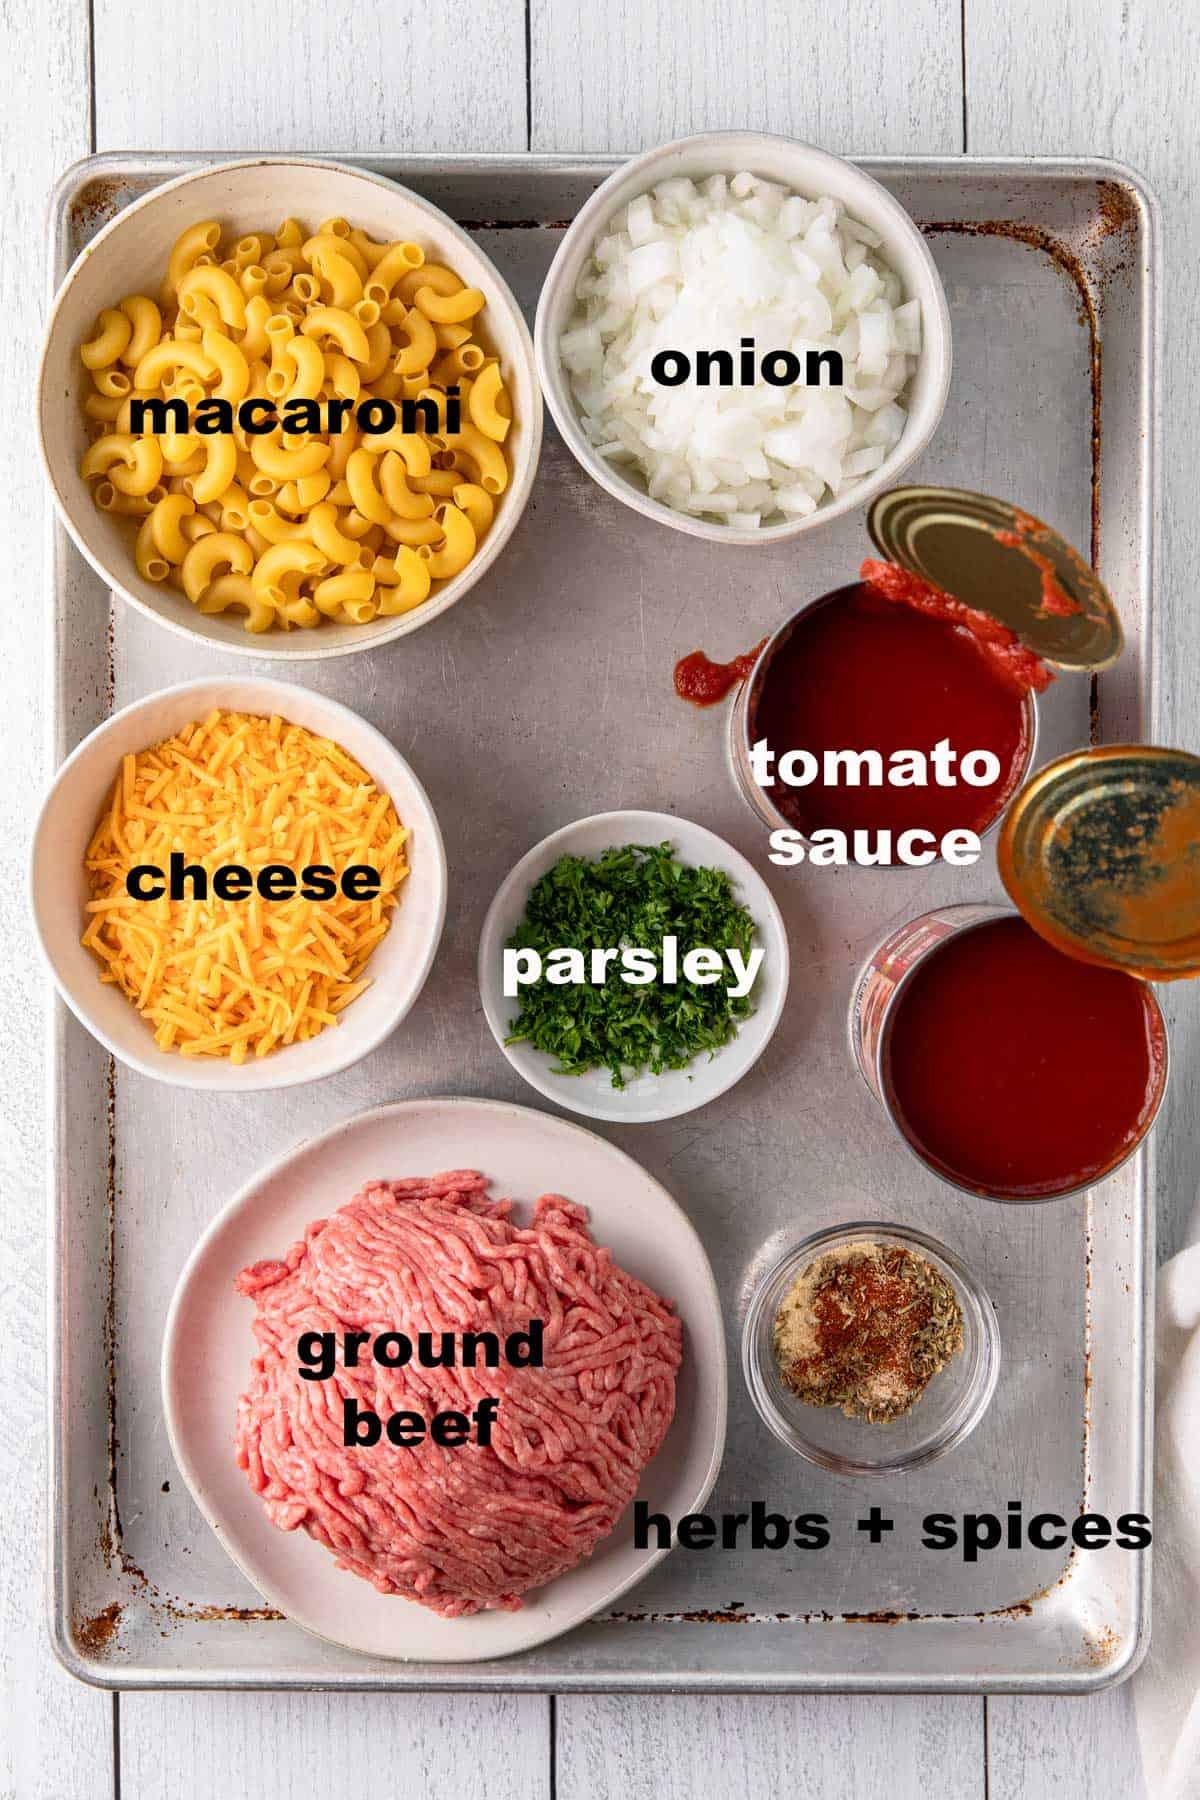 ingredients to make beefaroni